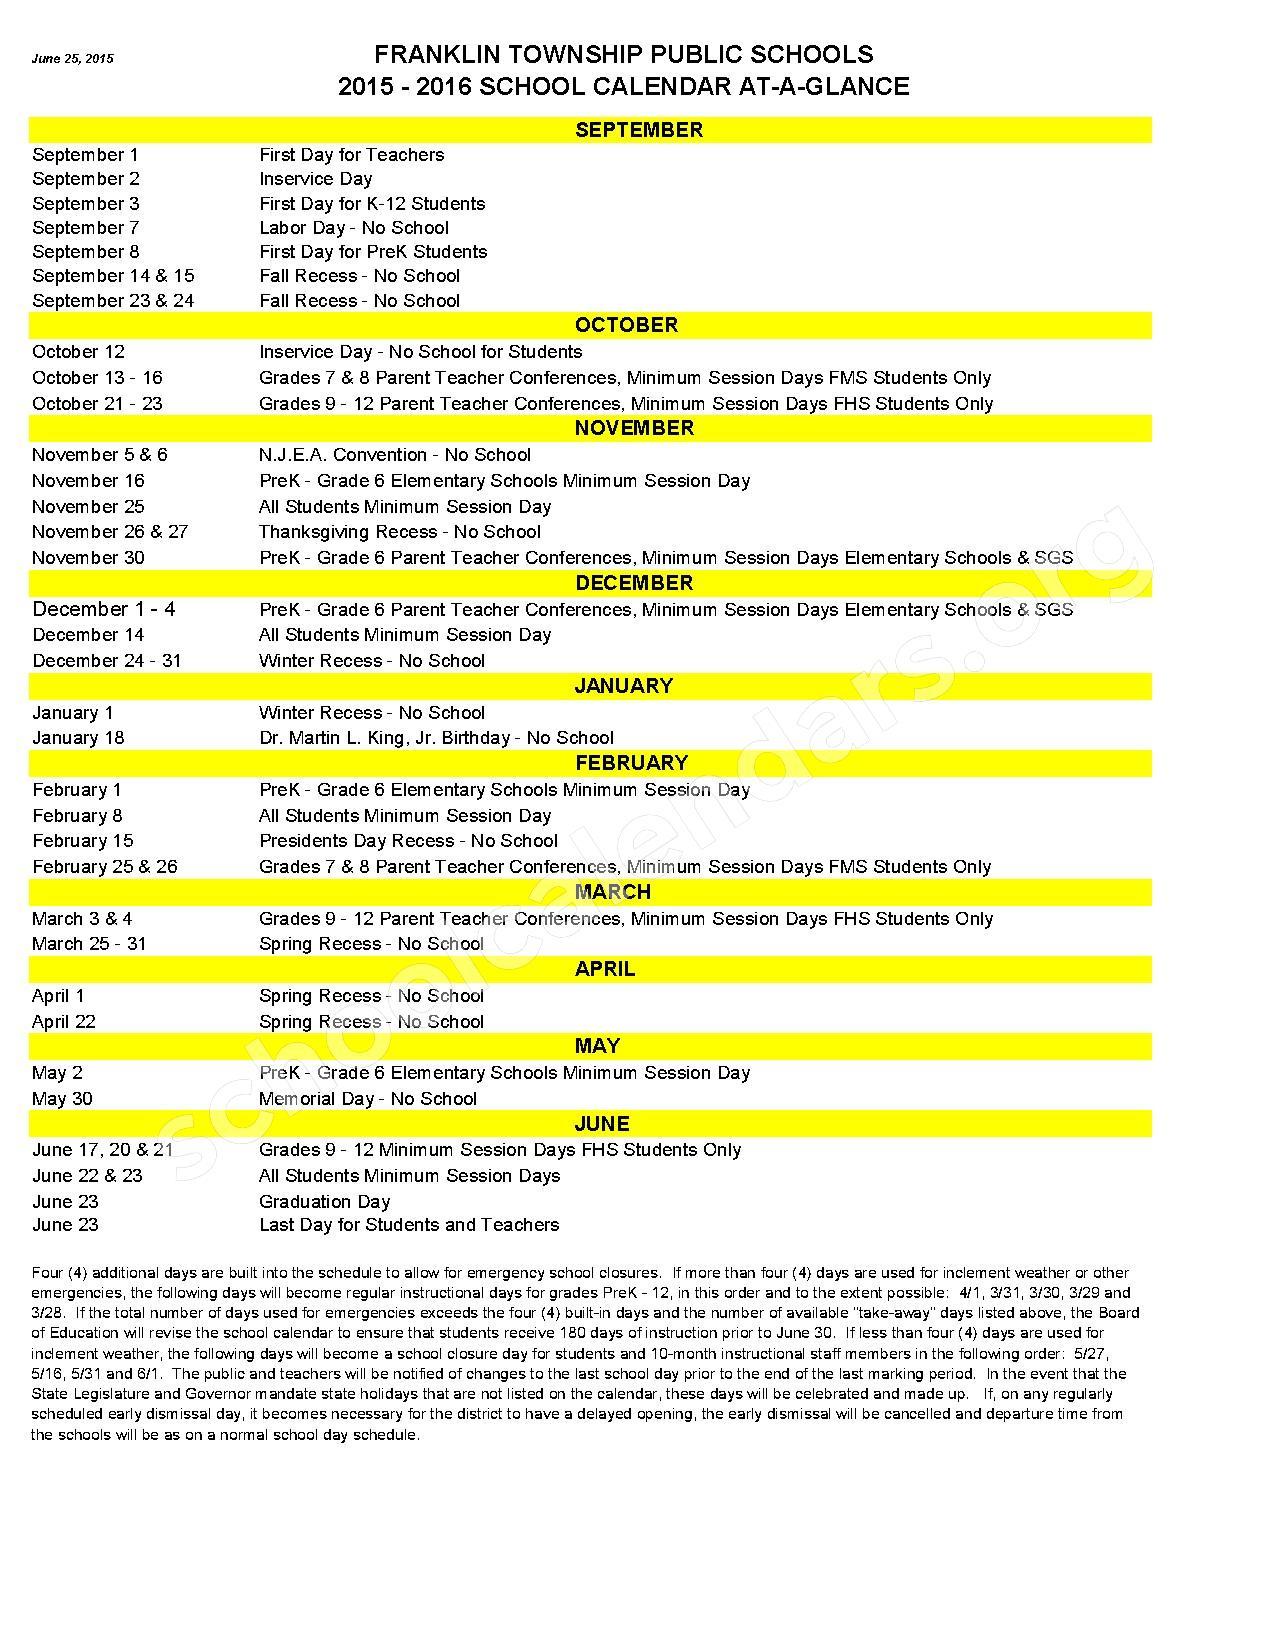 2015 - 2016 School Calendar – Franklin Township Public Schools – page 1